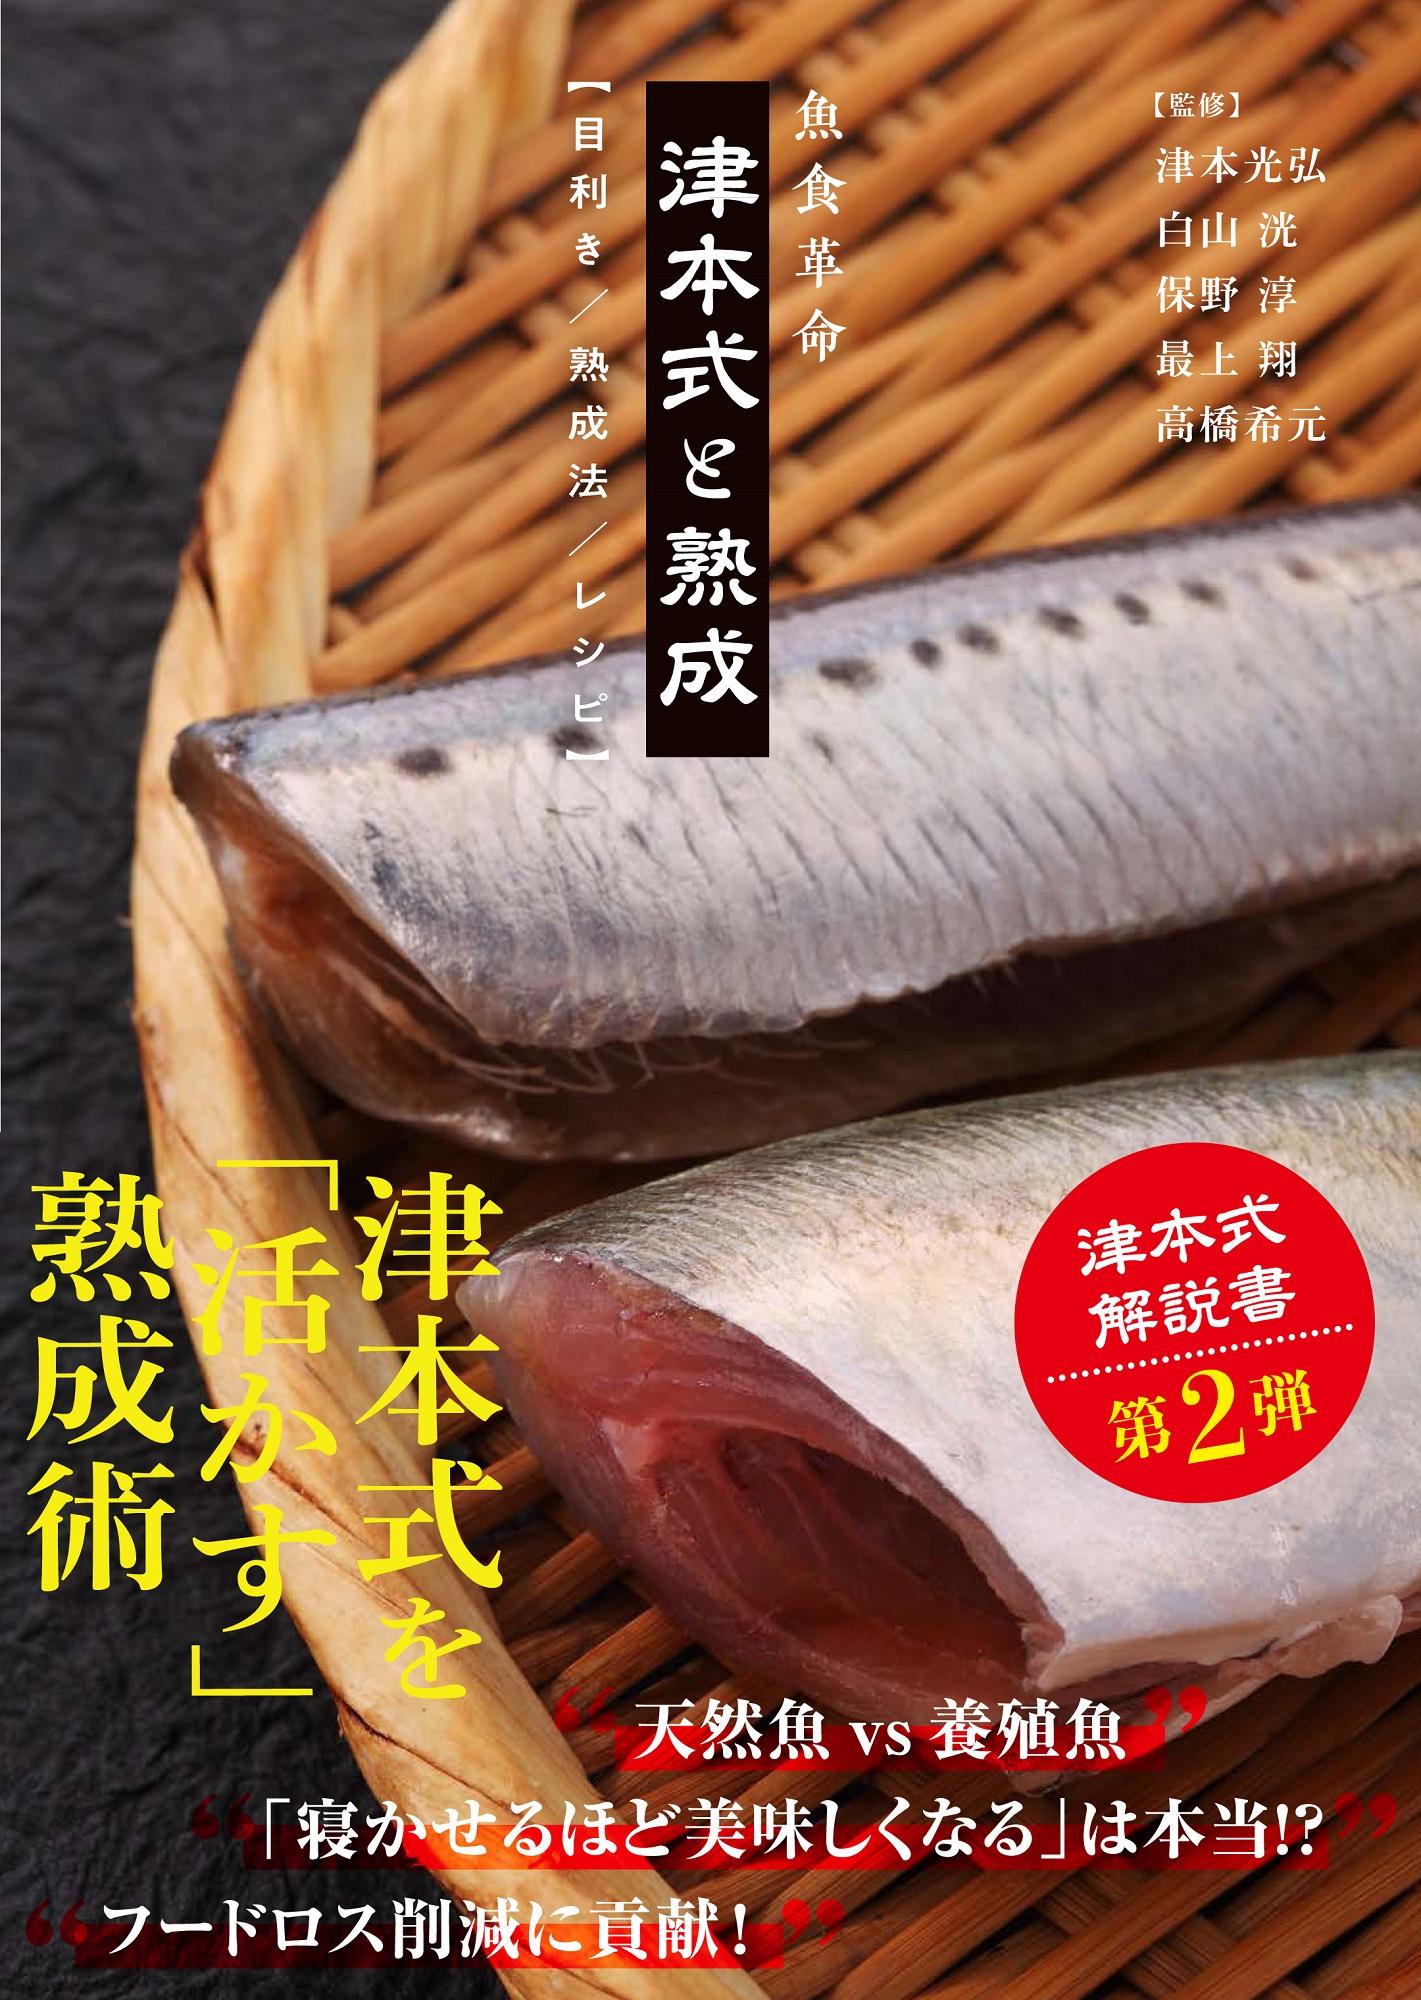 魚食革命『津本式と熟成【目利き/熟成法/レシピ】』